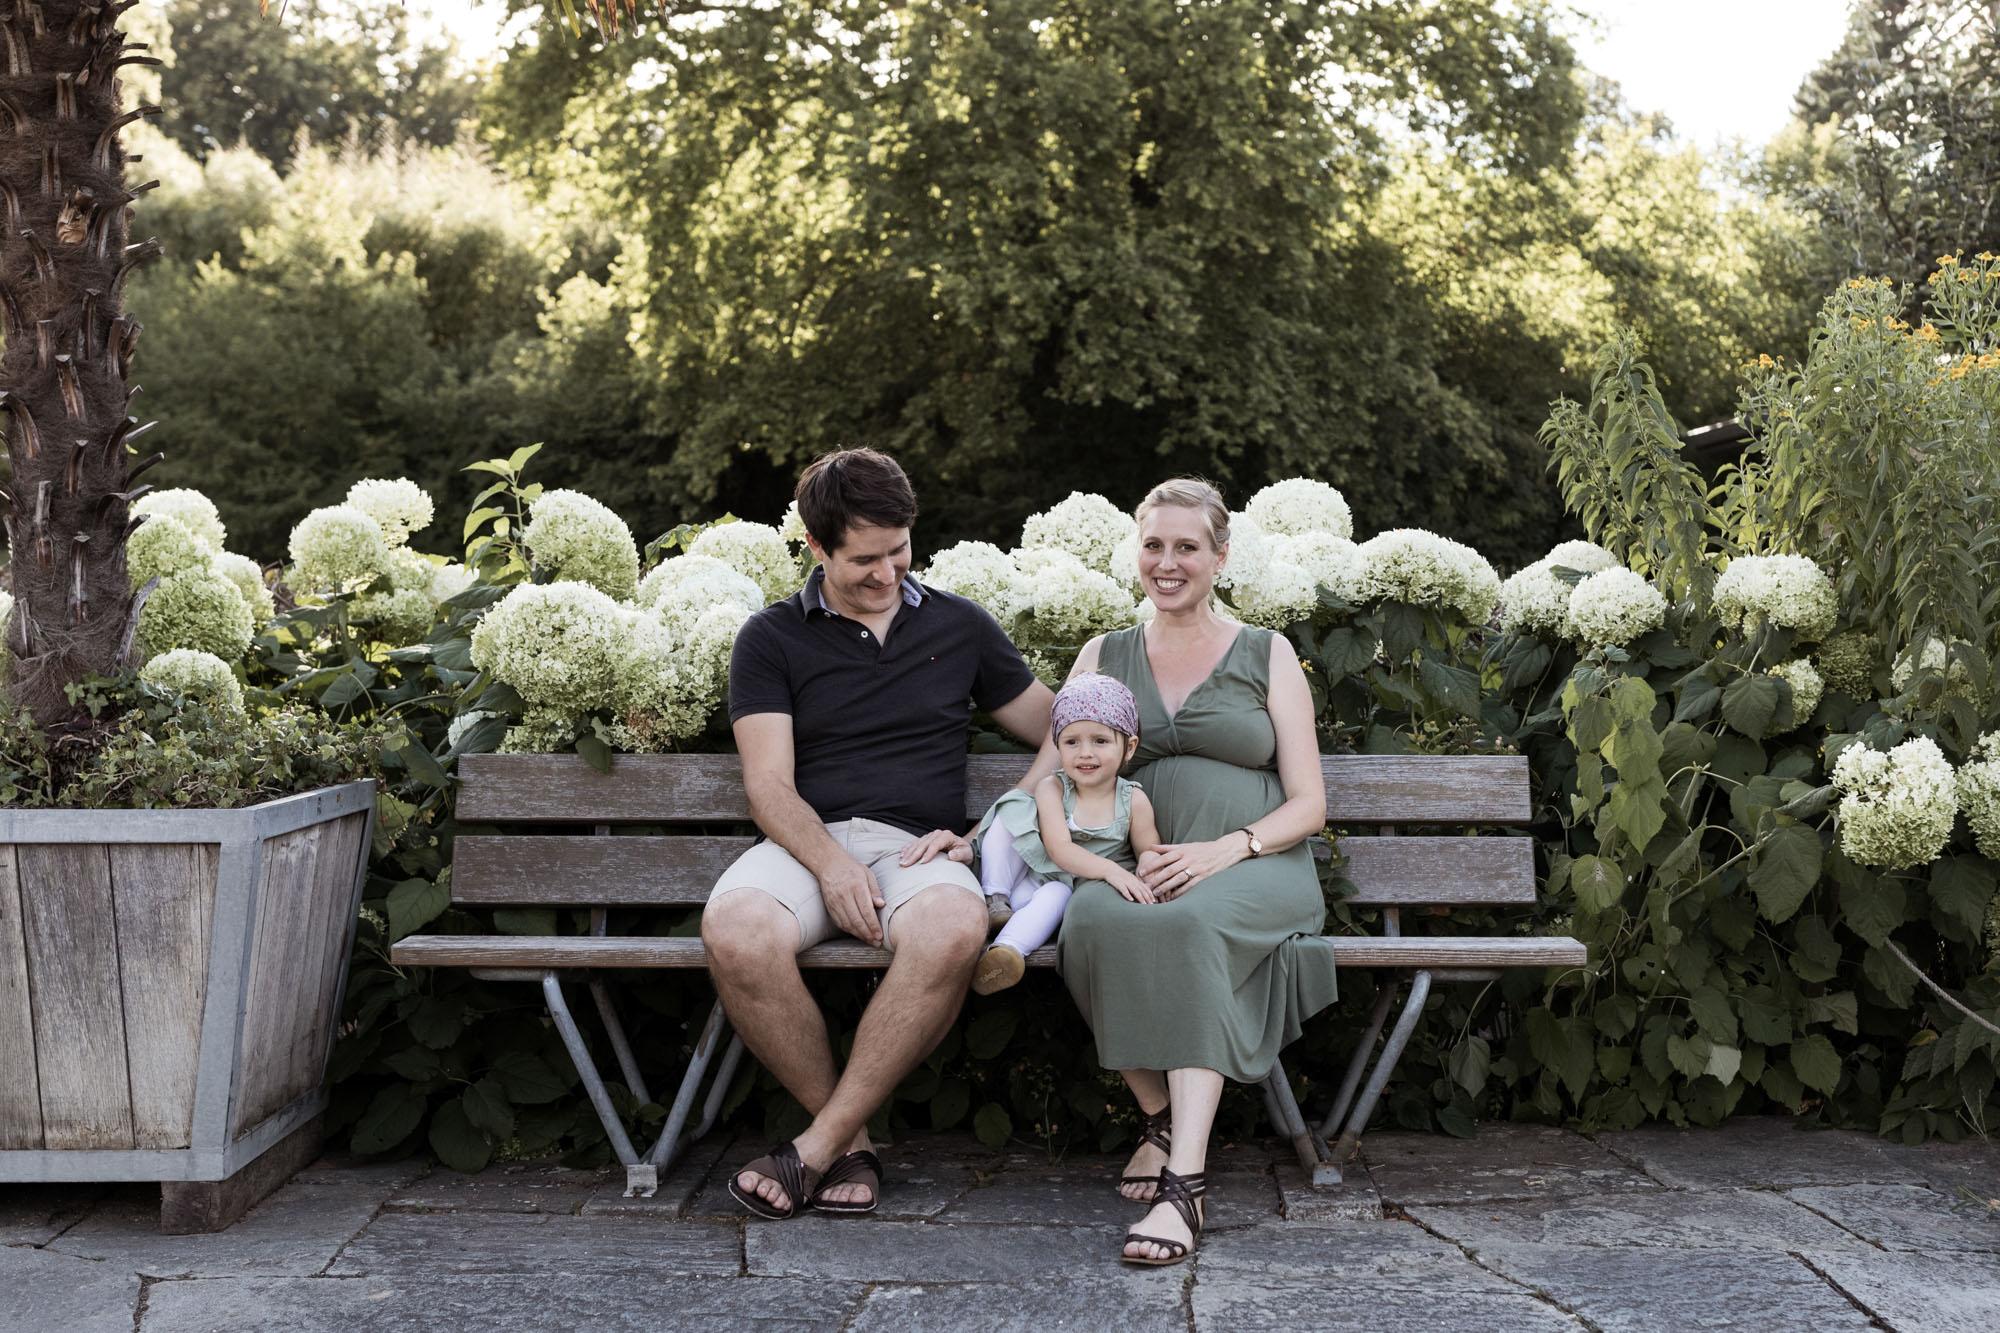 Babybauch und Familienfotoshooting in den Merian Gärten - Die Familie sitzt auf der Parkbank